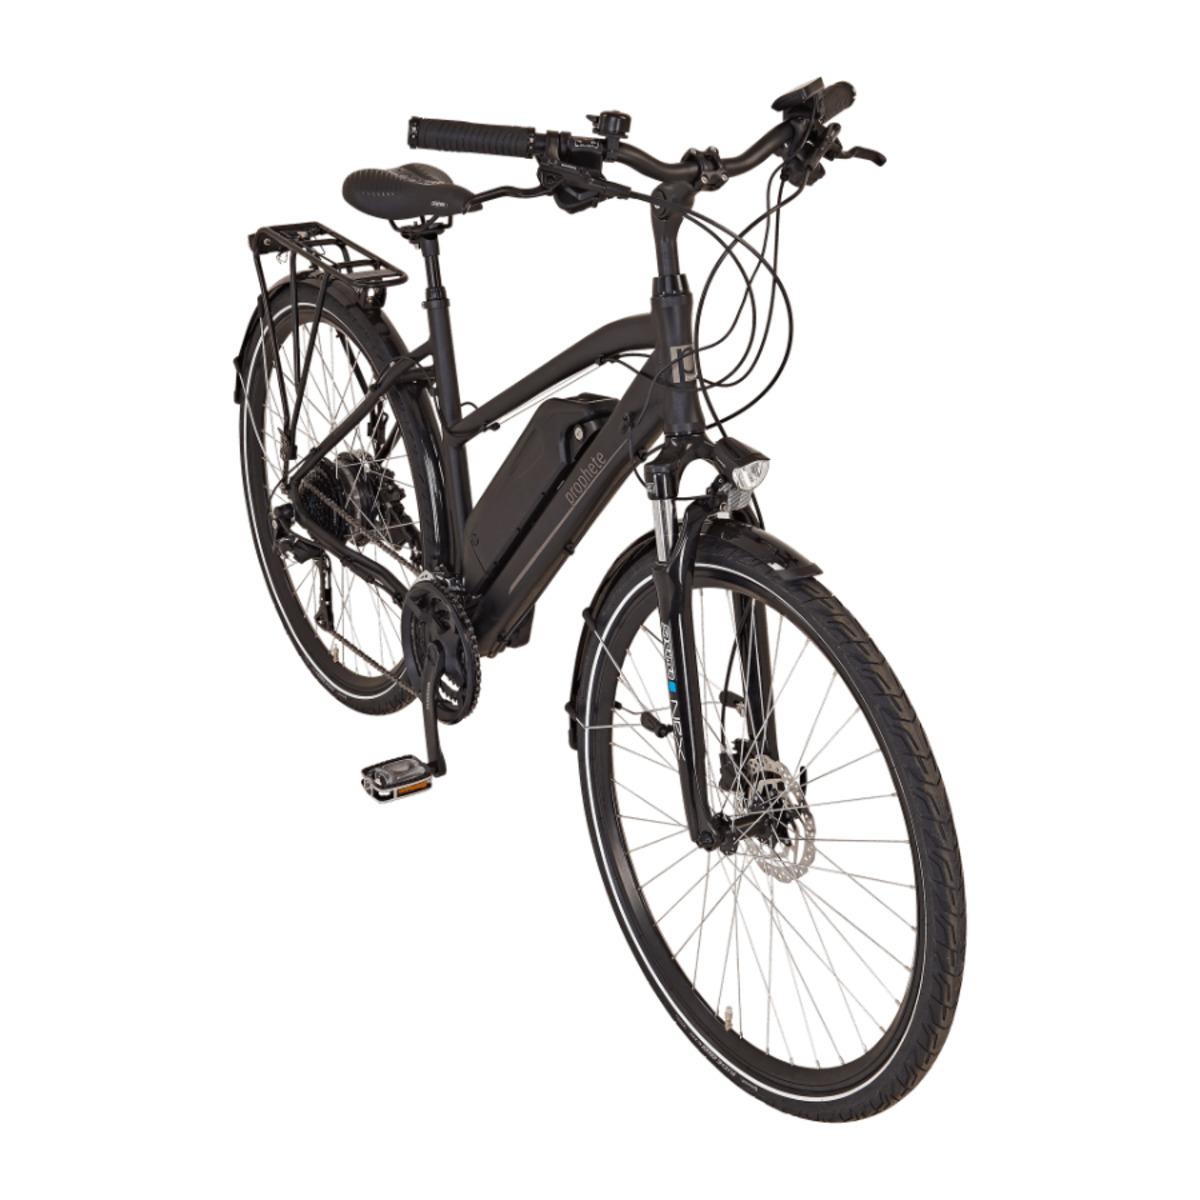 """Bild 3 von Prophete Trekking E-Bike 28"""" (71 cm)"""